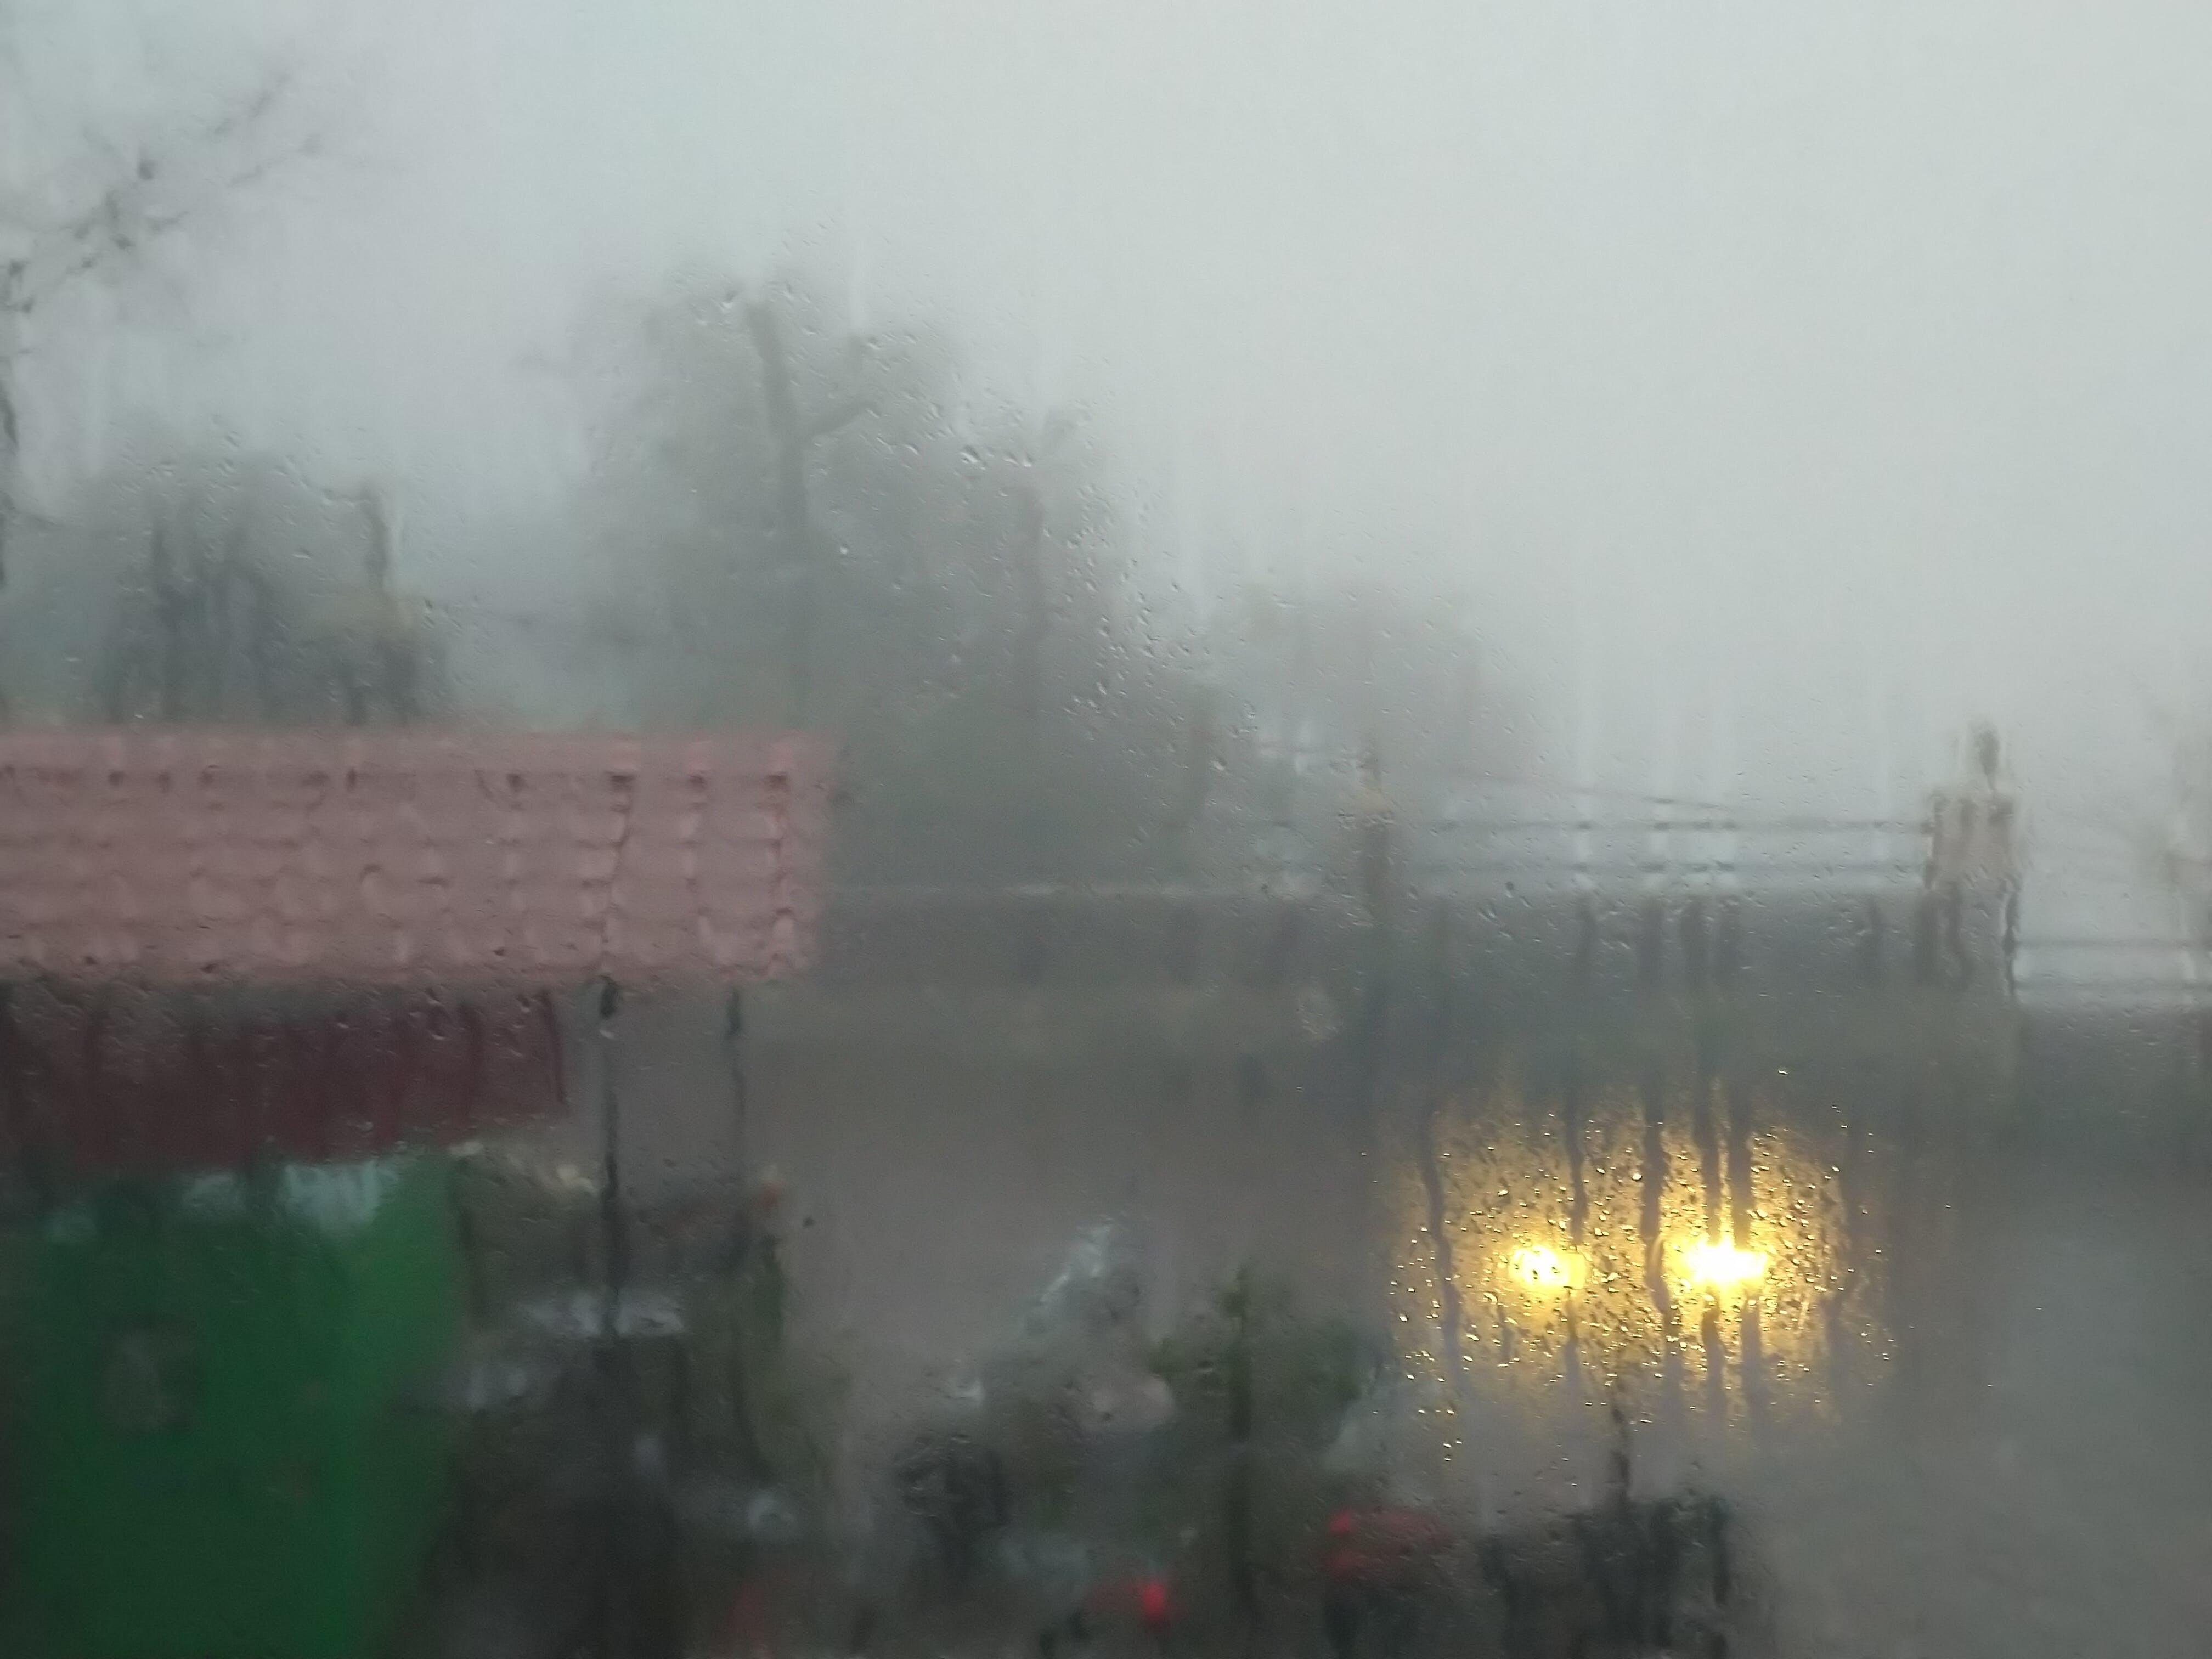 Free stock photo of rainy day